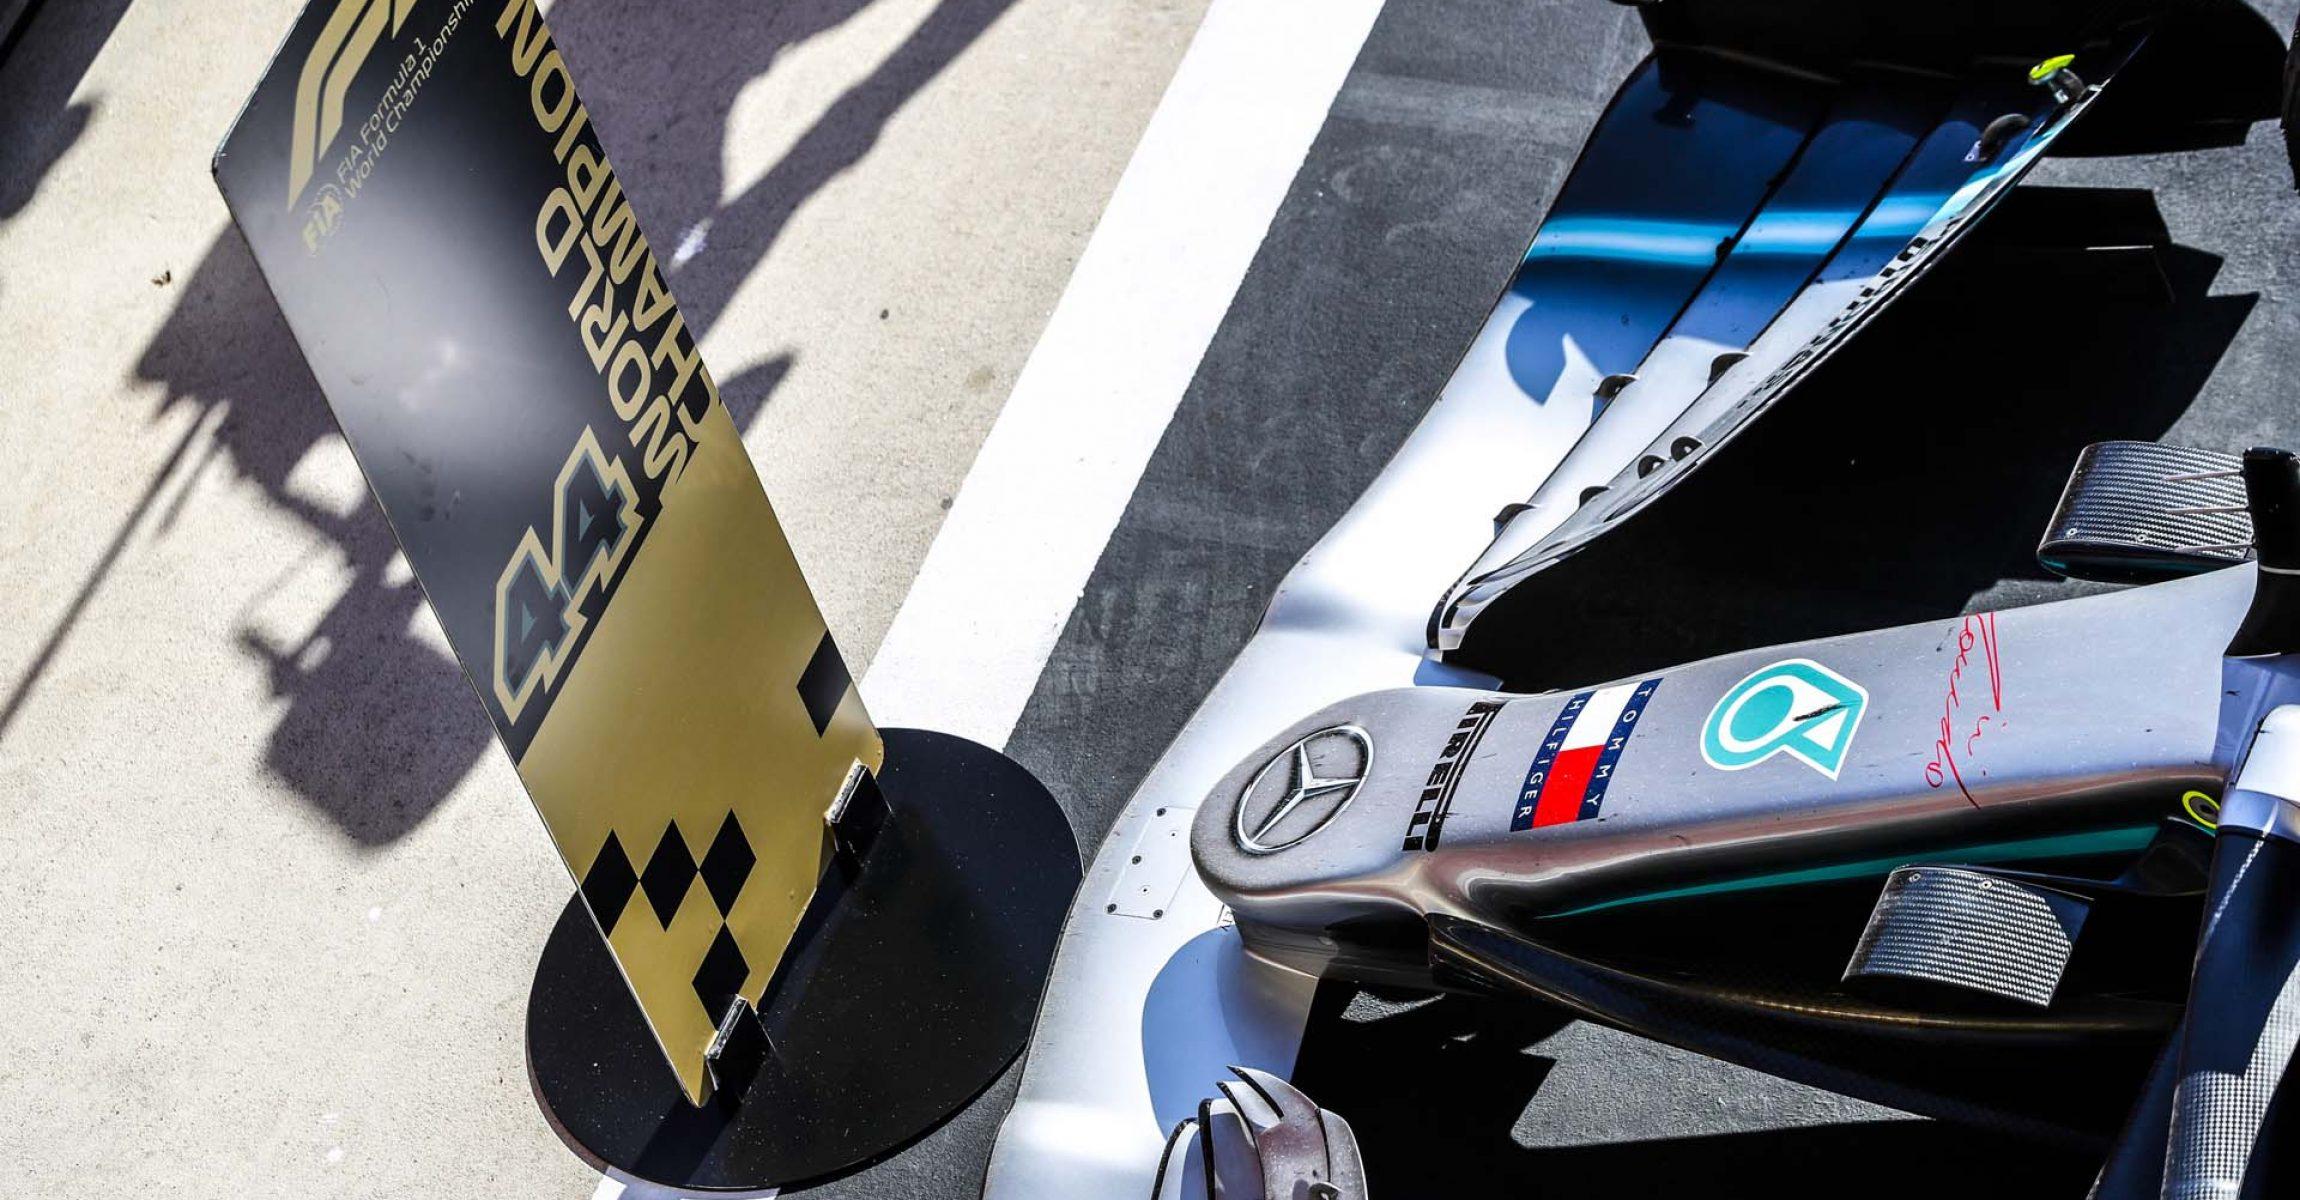 2019 United States Grand Prix, Sunday - LAT Images Lewis Hamilton world champion Mercedes